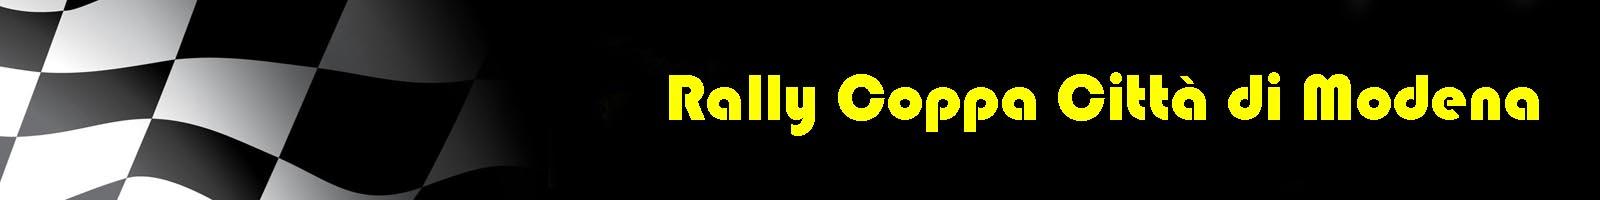 001 Rally di Modena